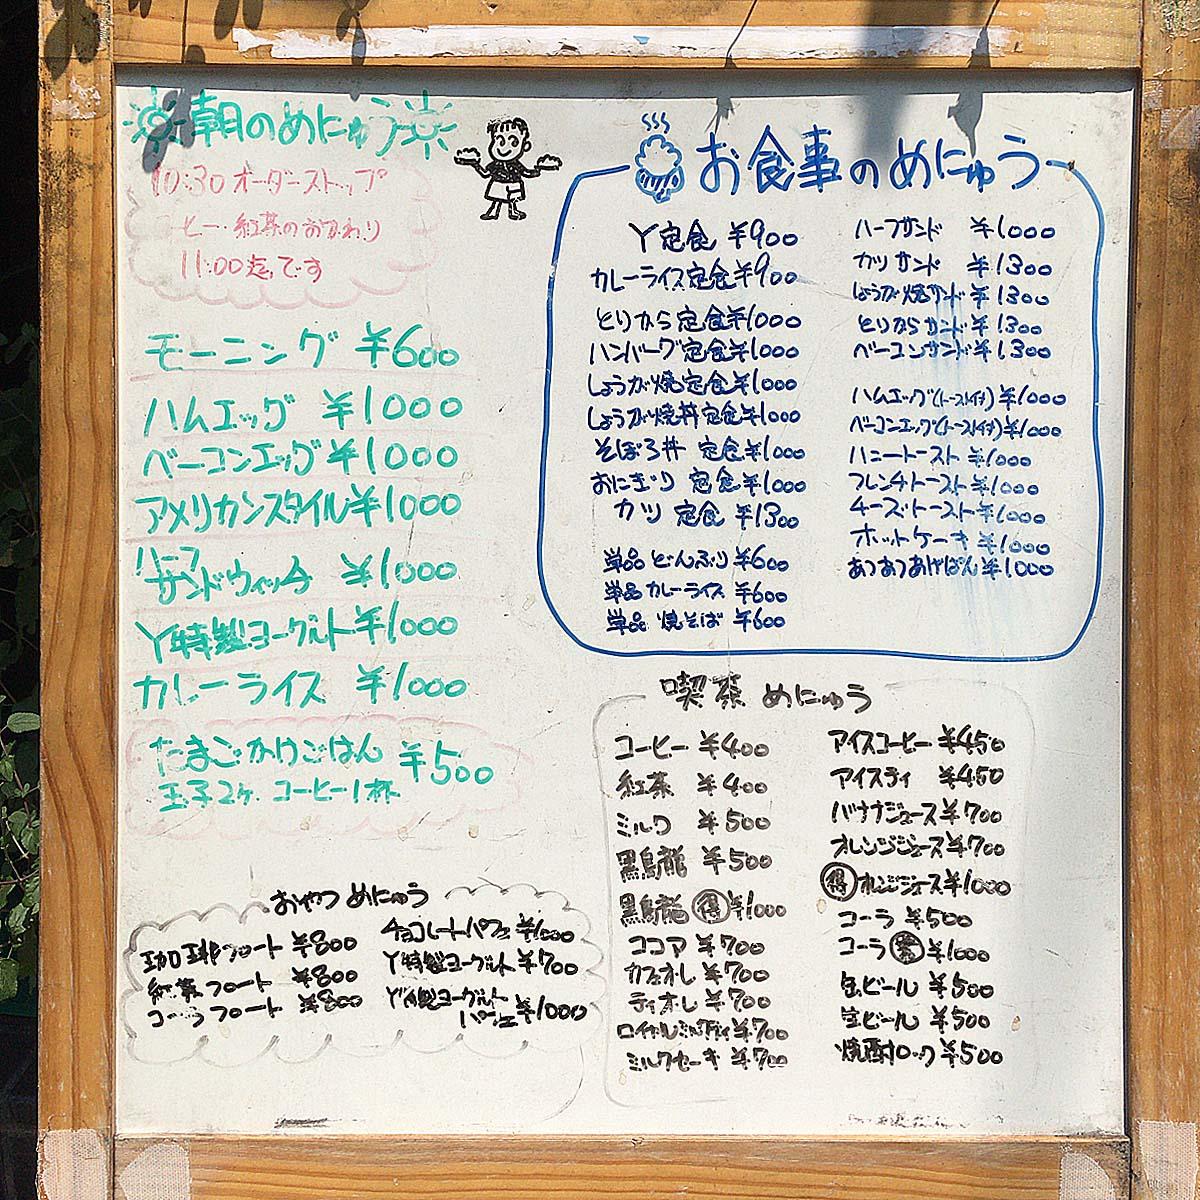 朝食・お食事・喫茶・おやつ各種メニュー@大阪府中崎町「喫茶Y」